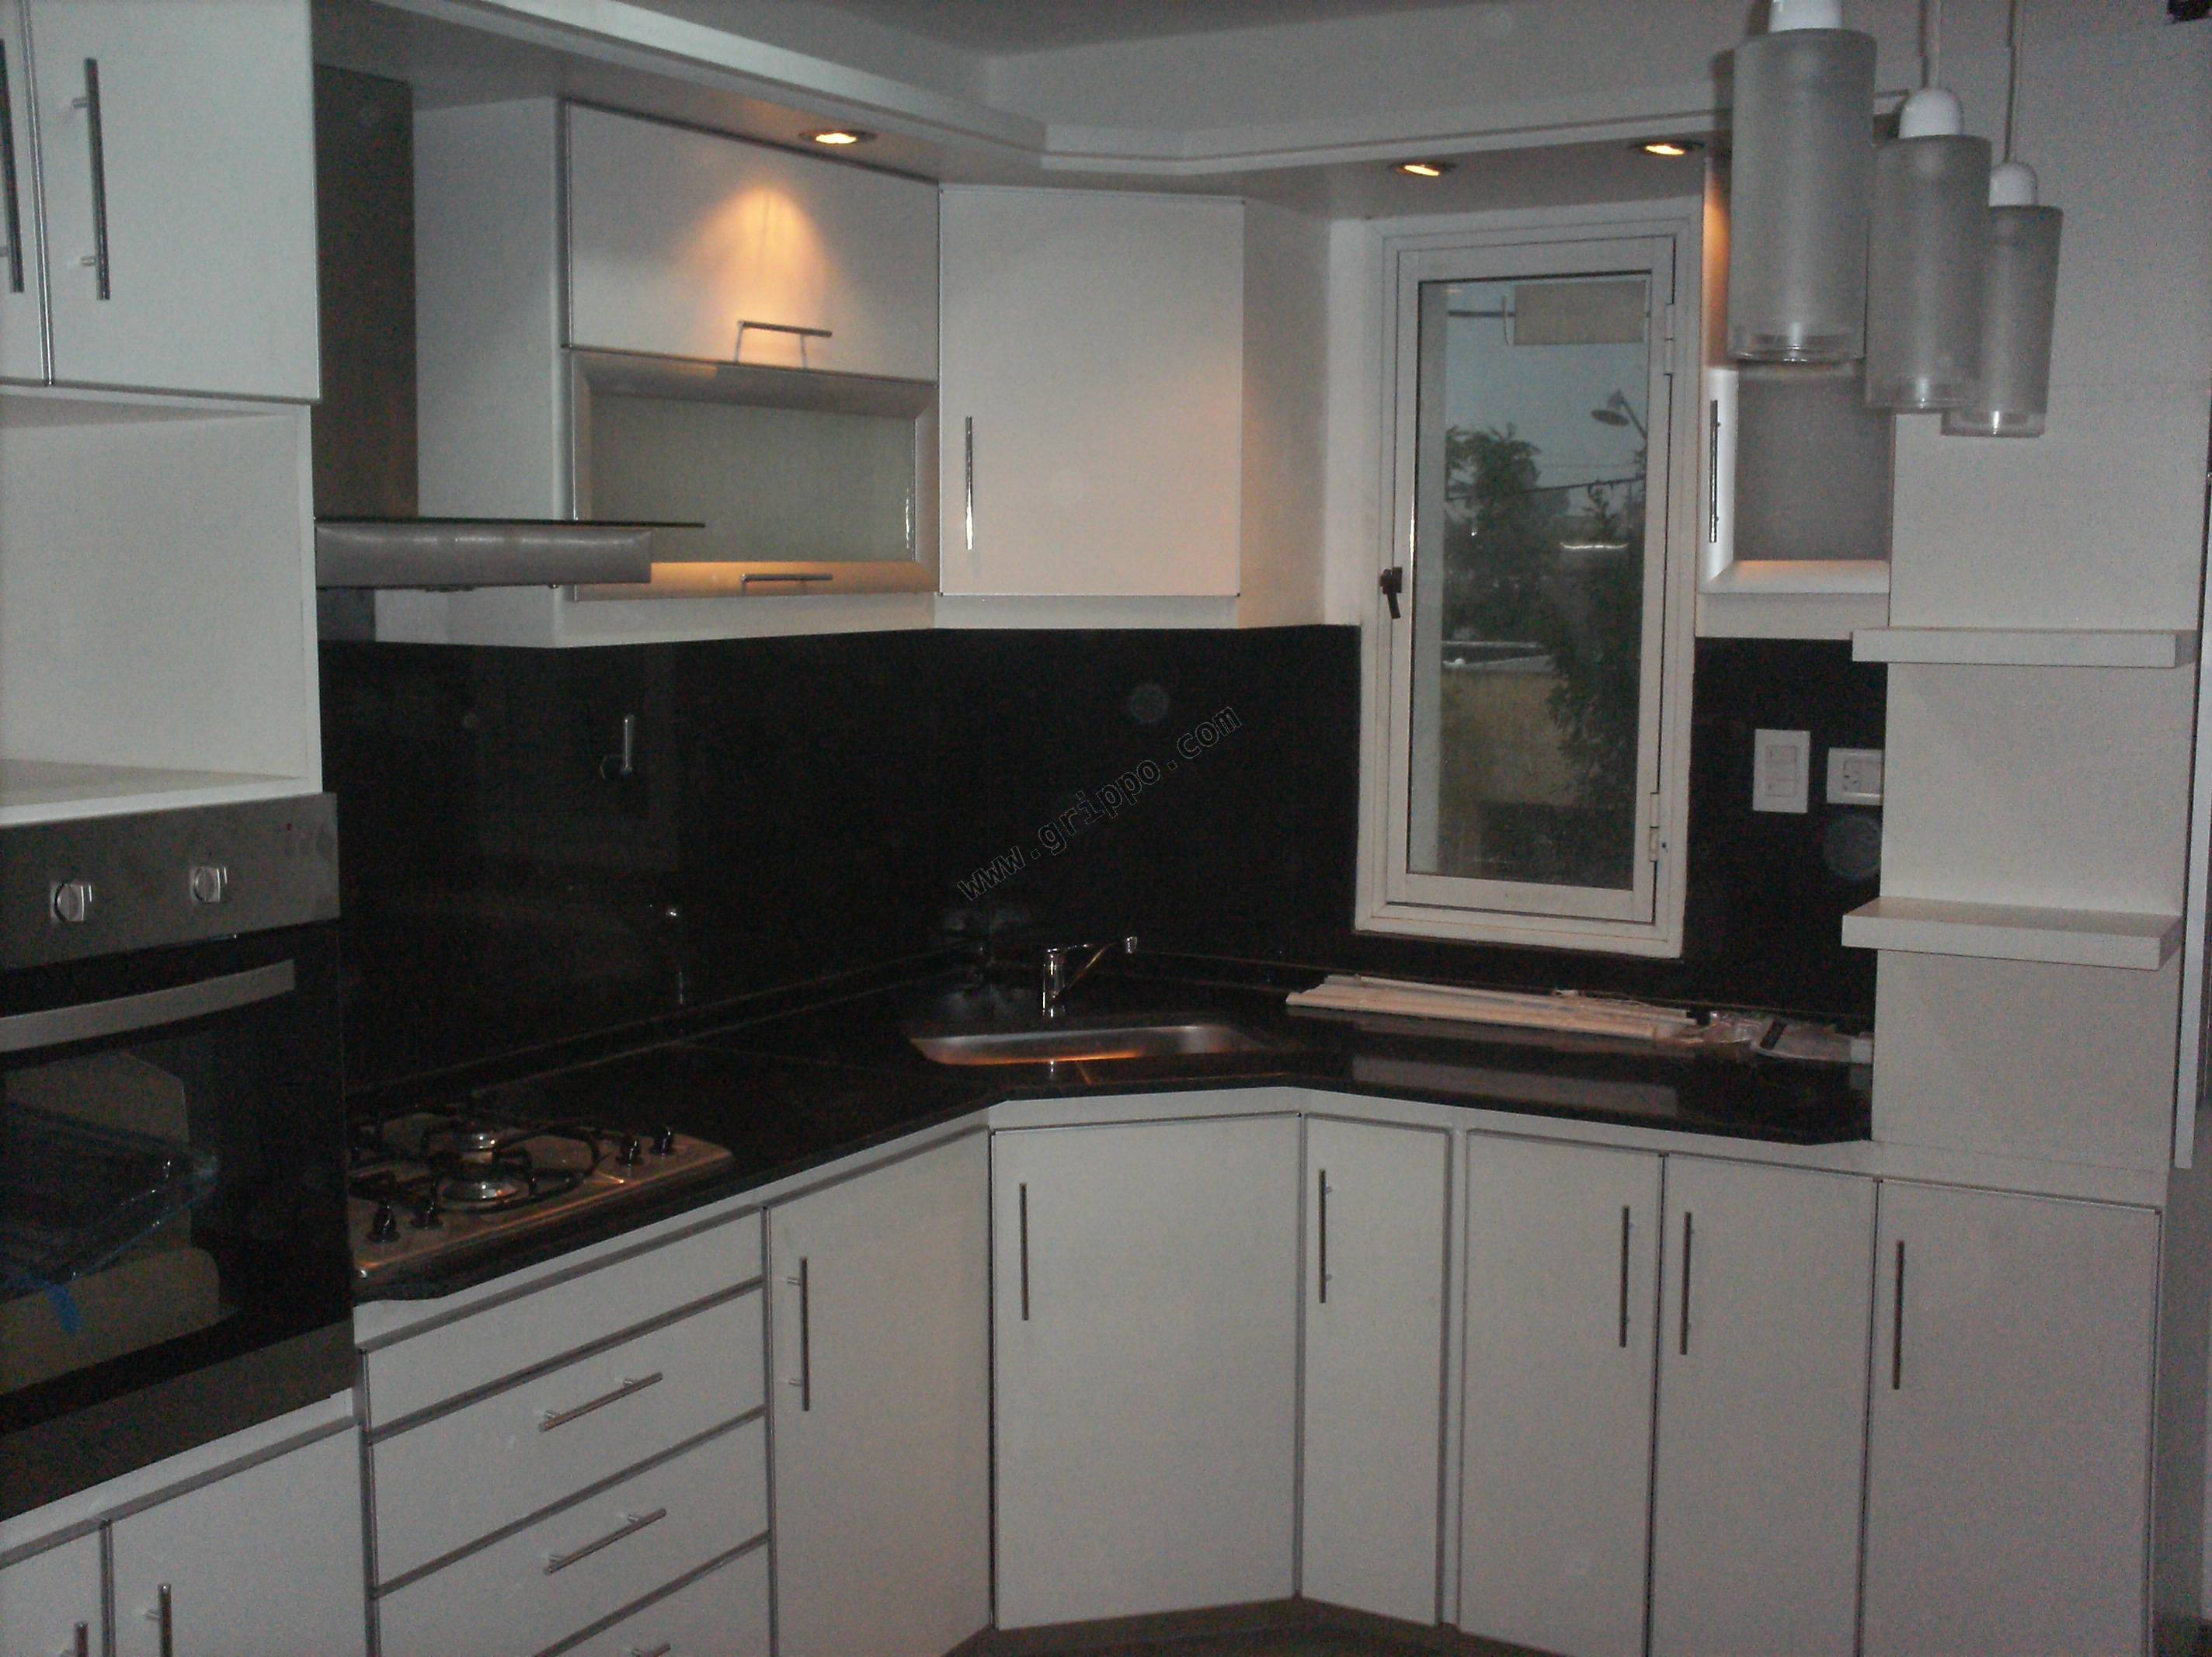 Amoblamientos de cocina muebles de cocina vestidores for Armarios para cocina